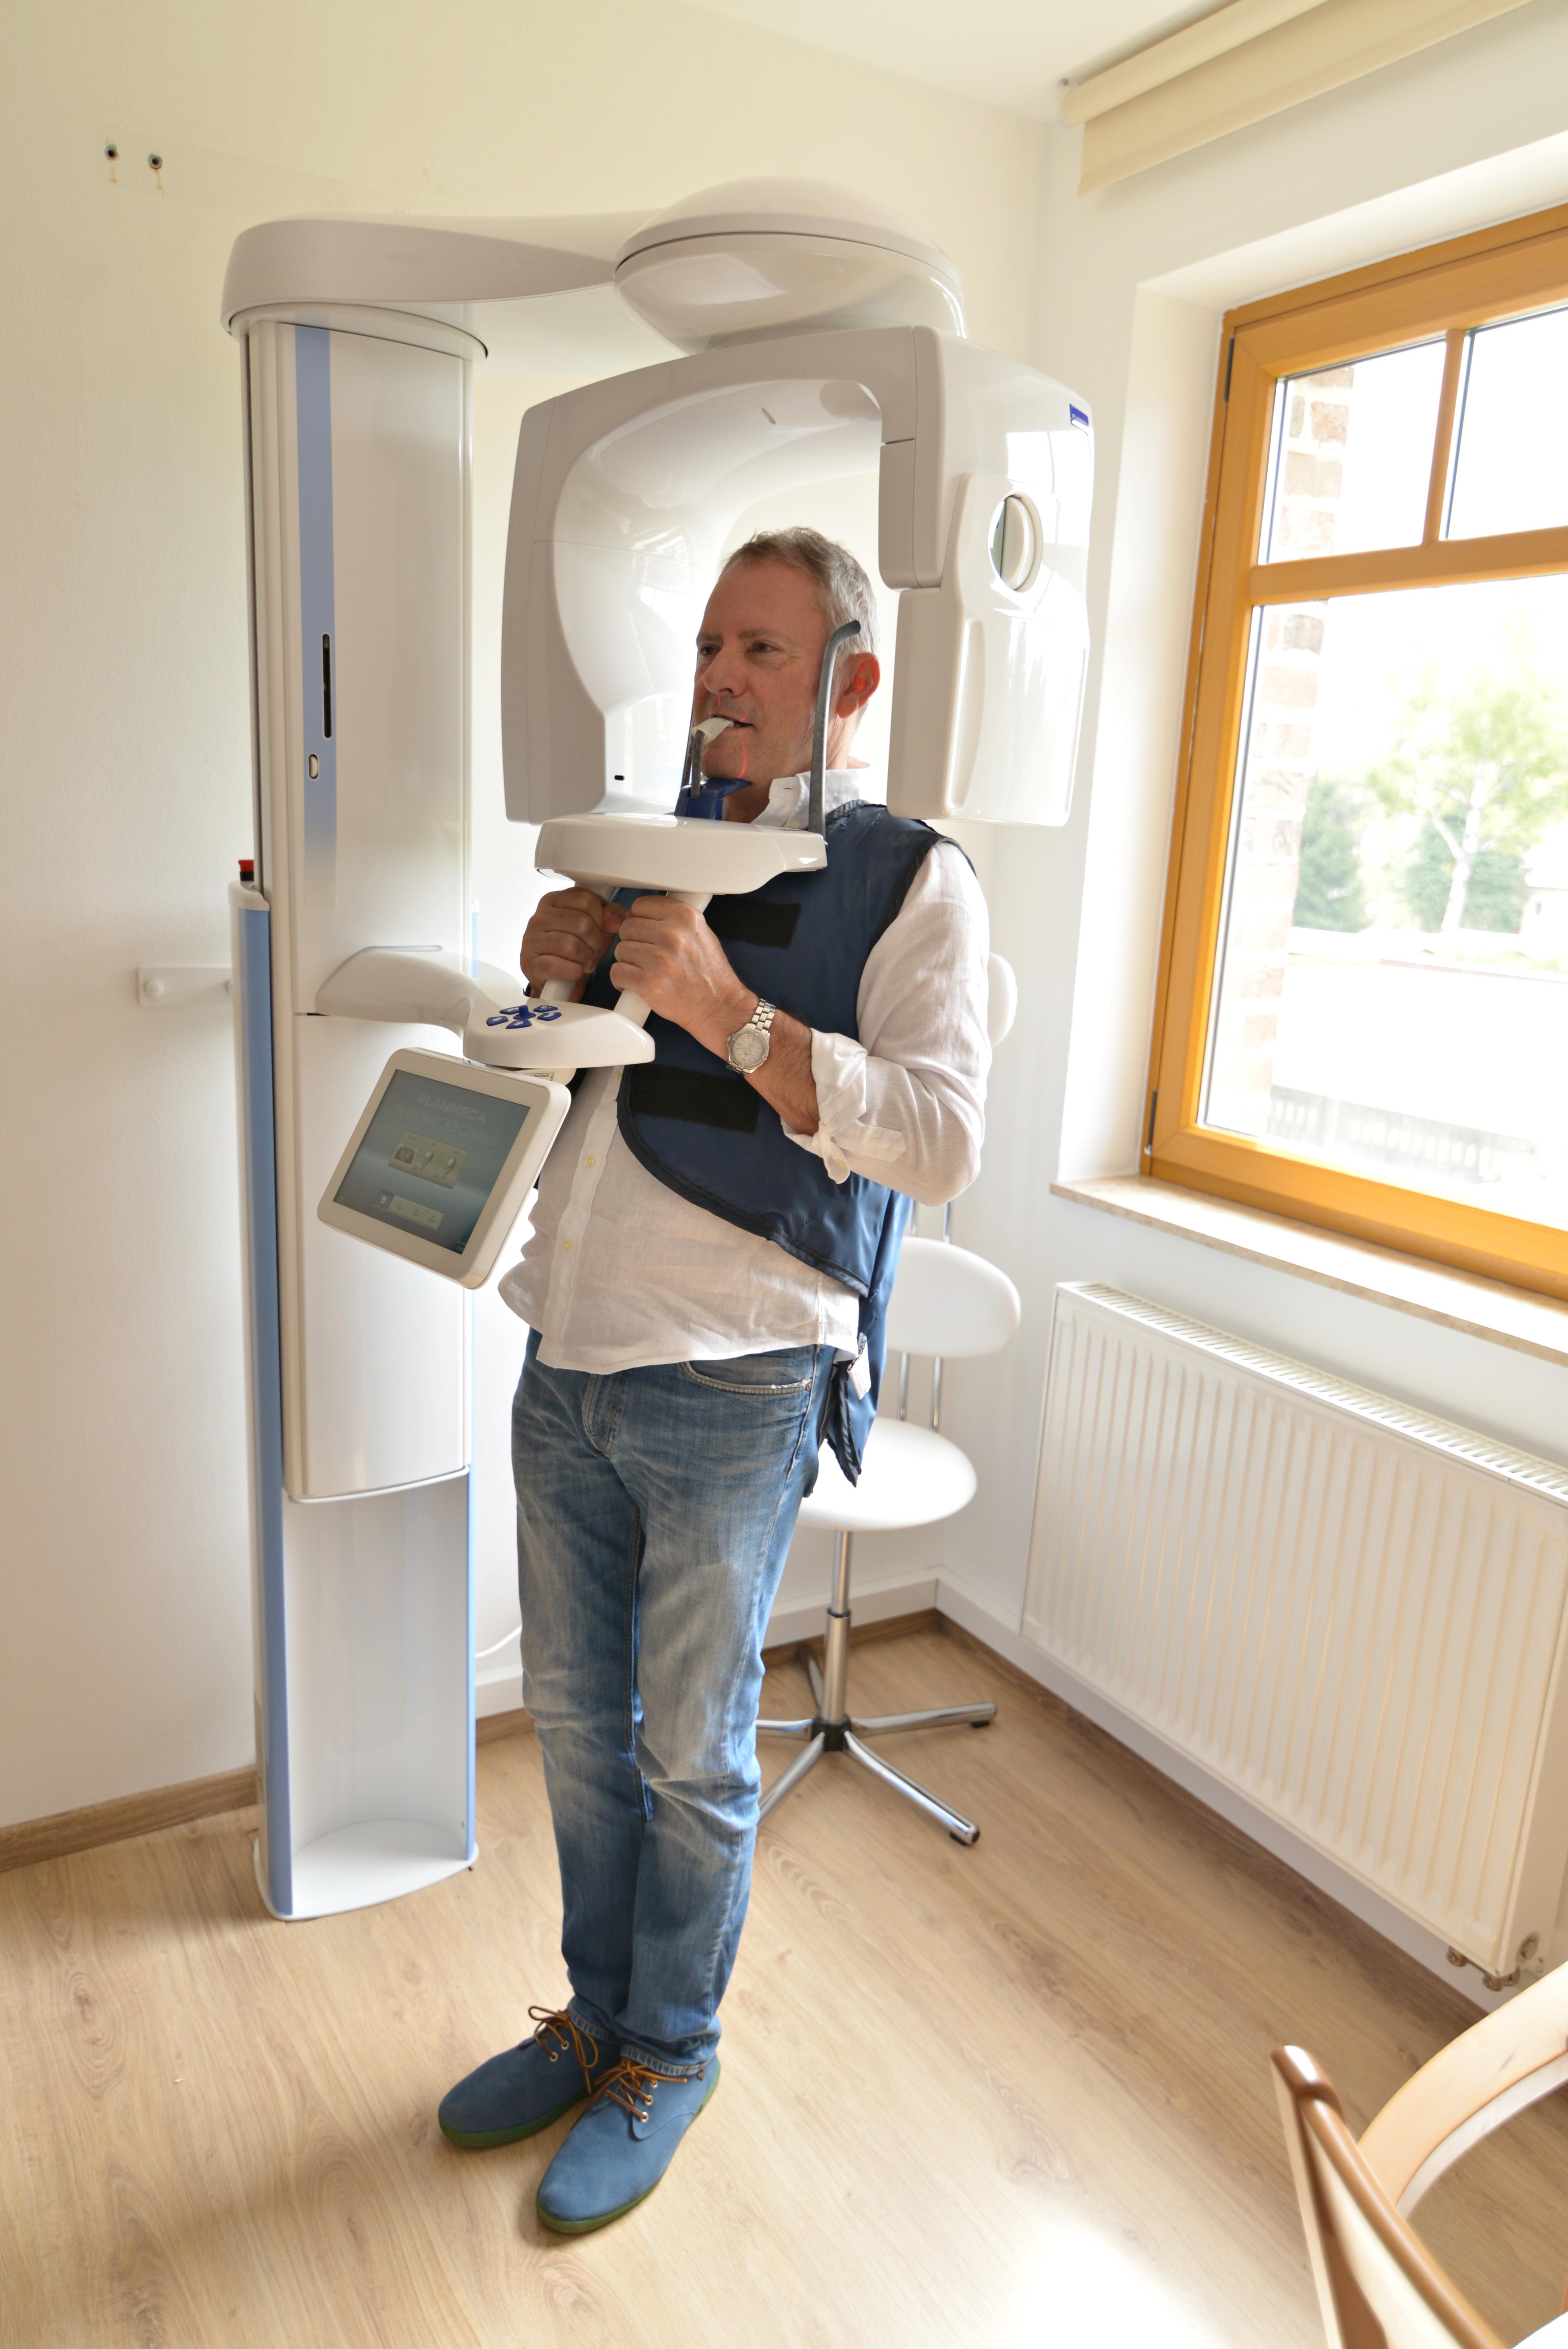 3d-zahnröntgen-planmeca-gerät